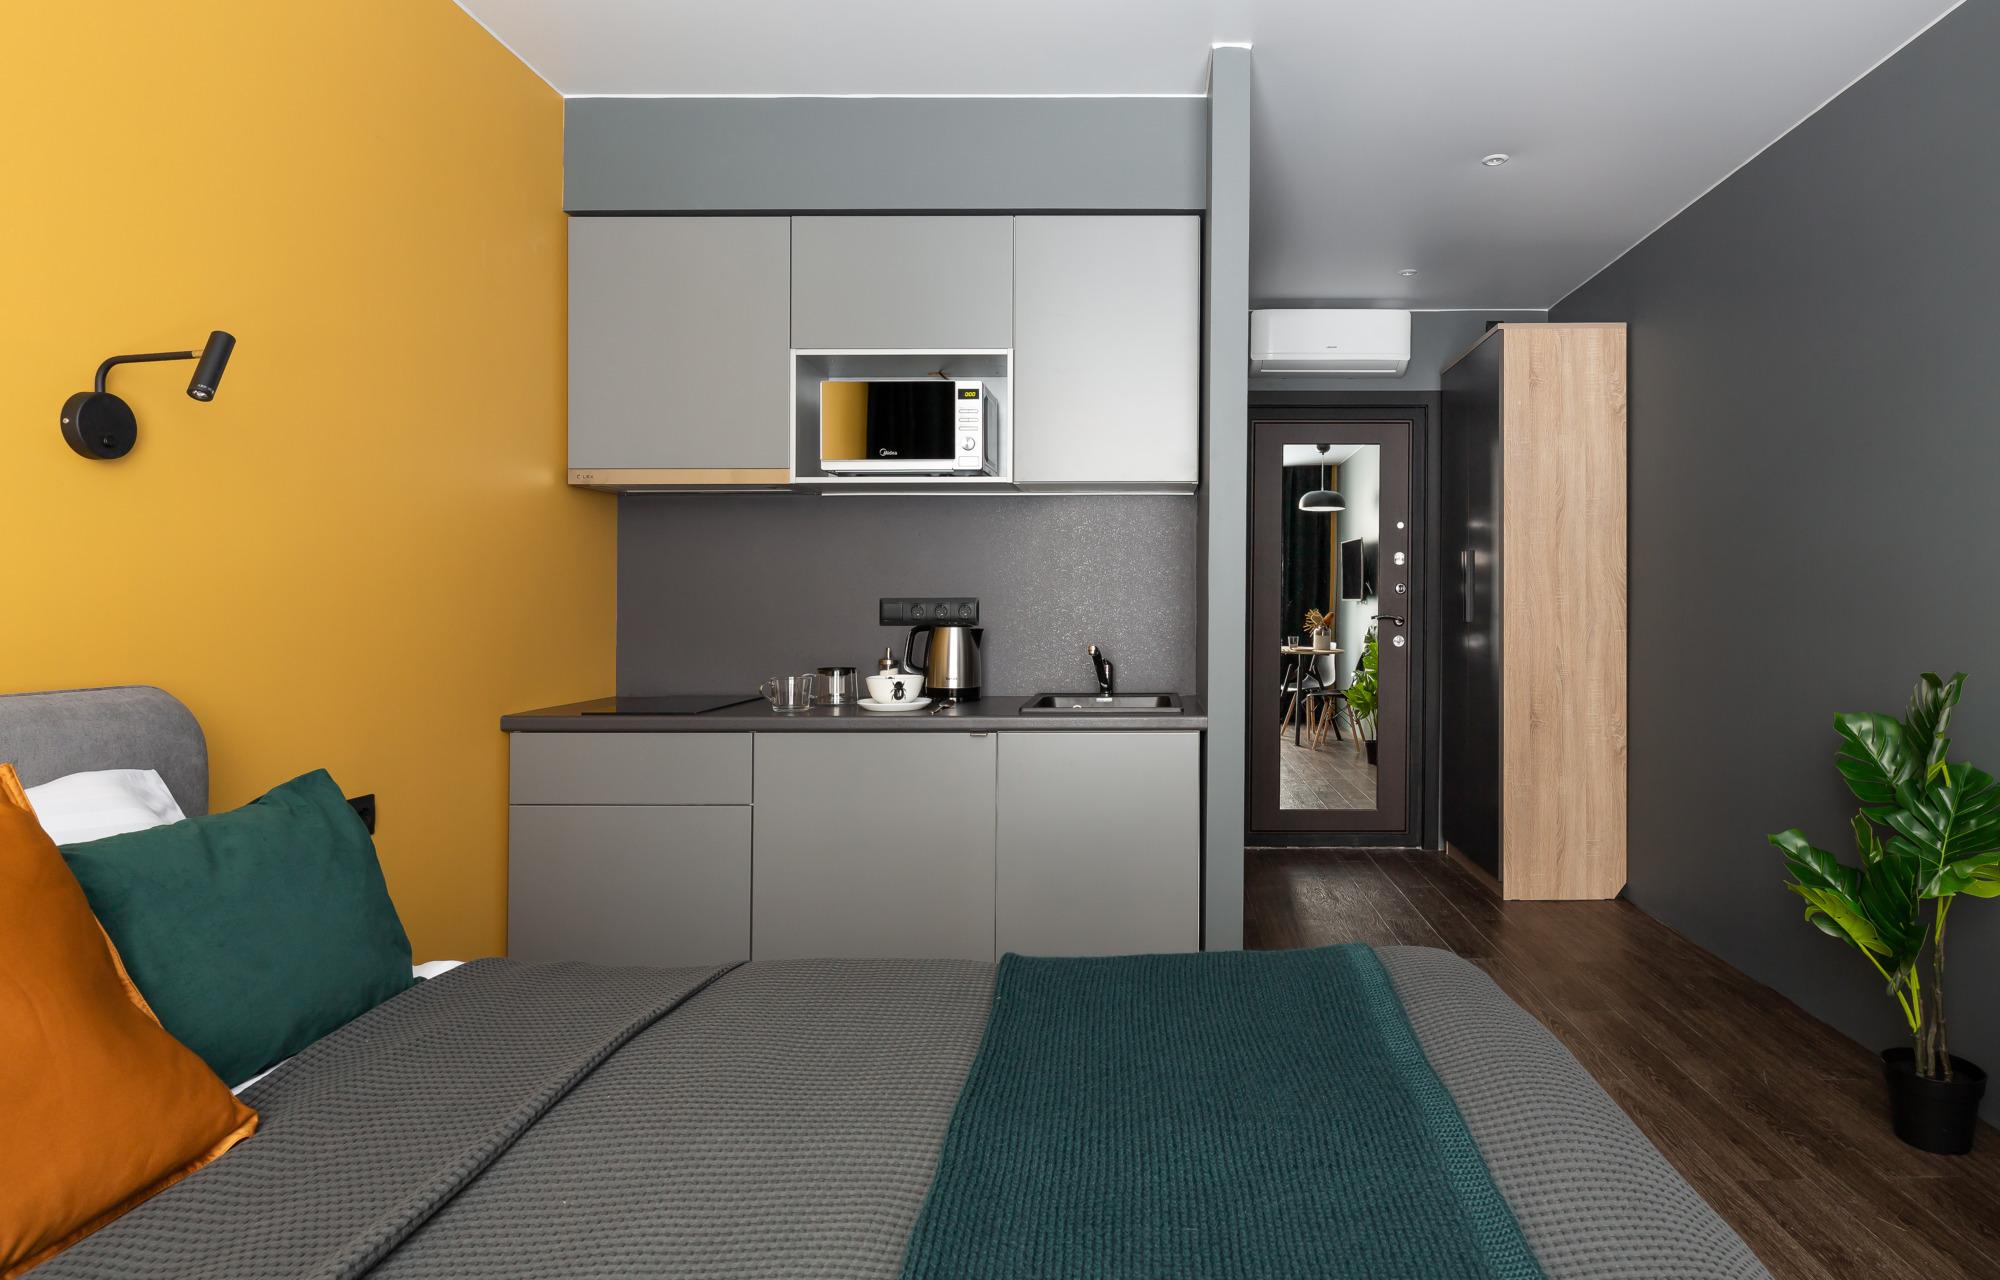 Интерьер апарт-отеля, который вы можете повторить у себя дома